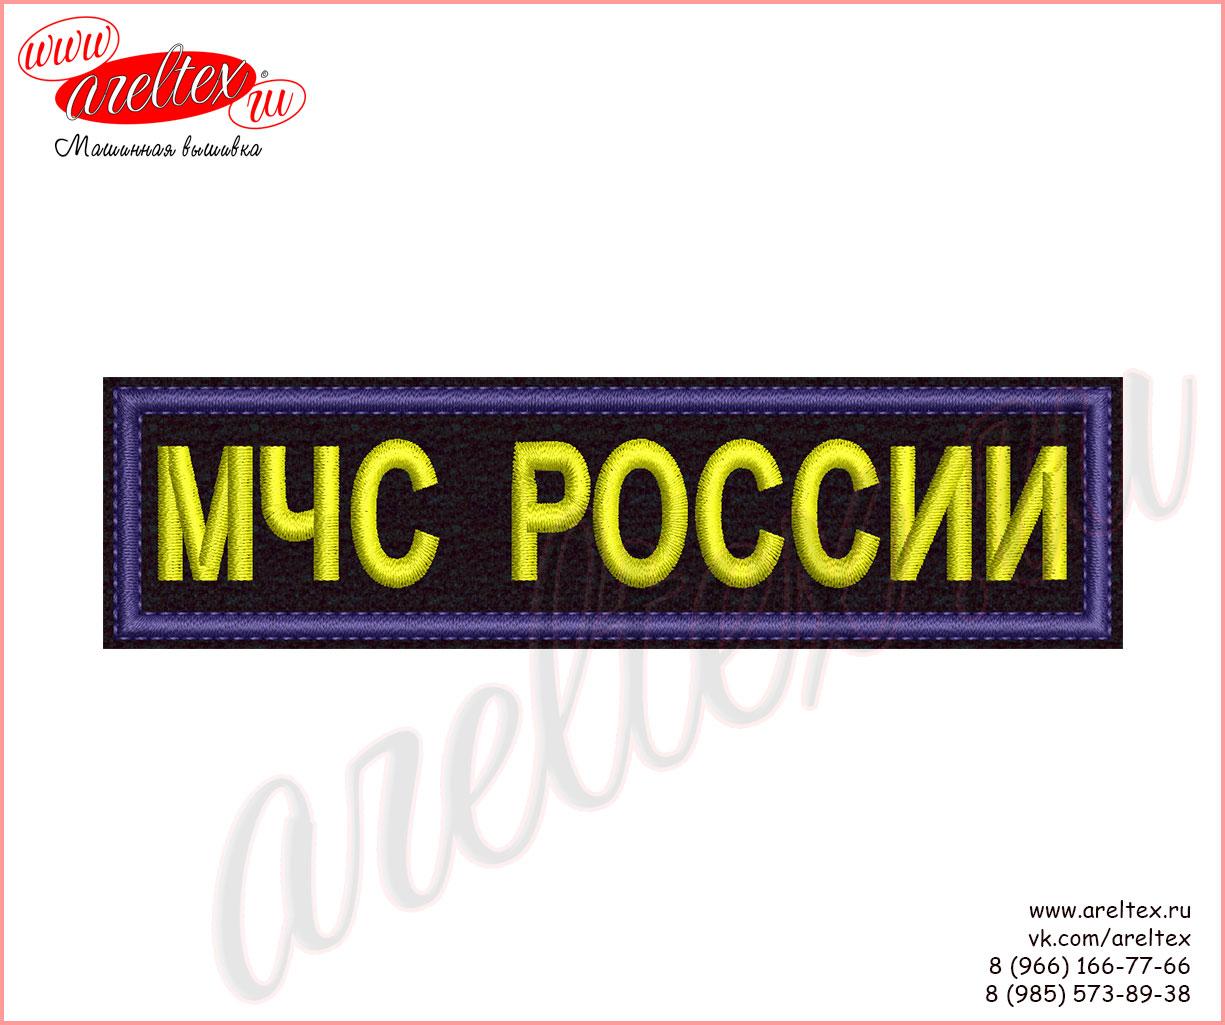 Нагрудная нашивка (шеврон) МЧС России